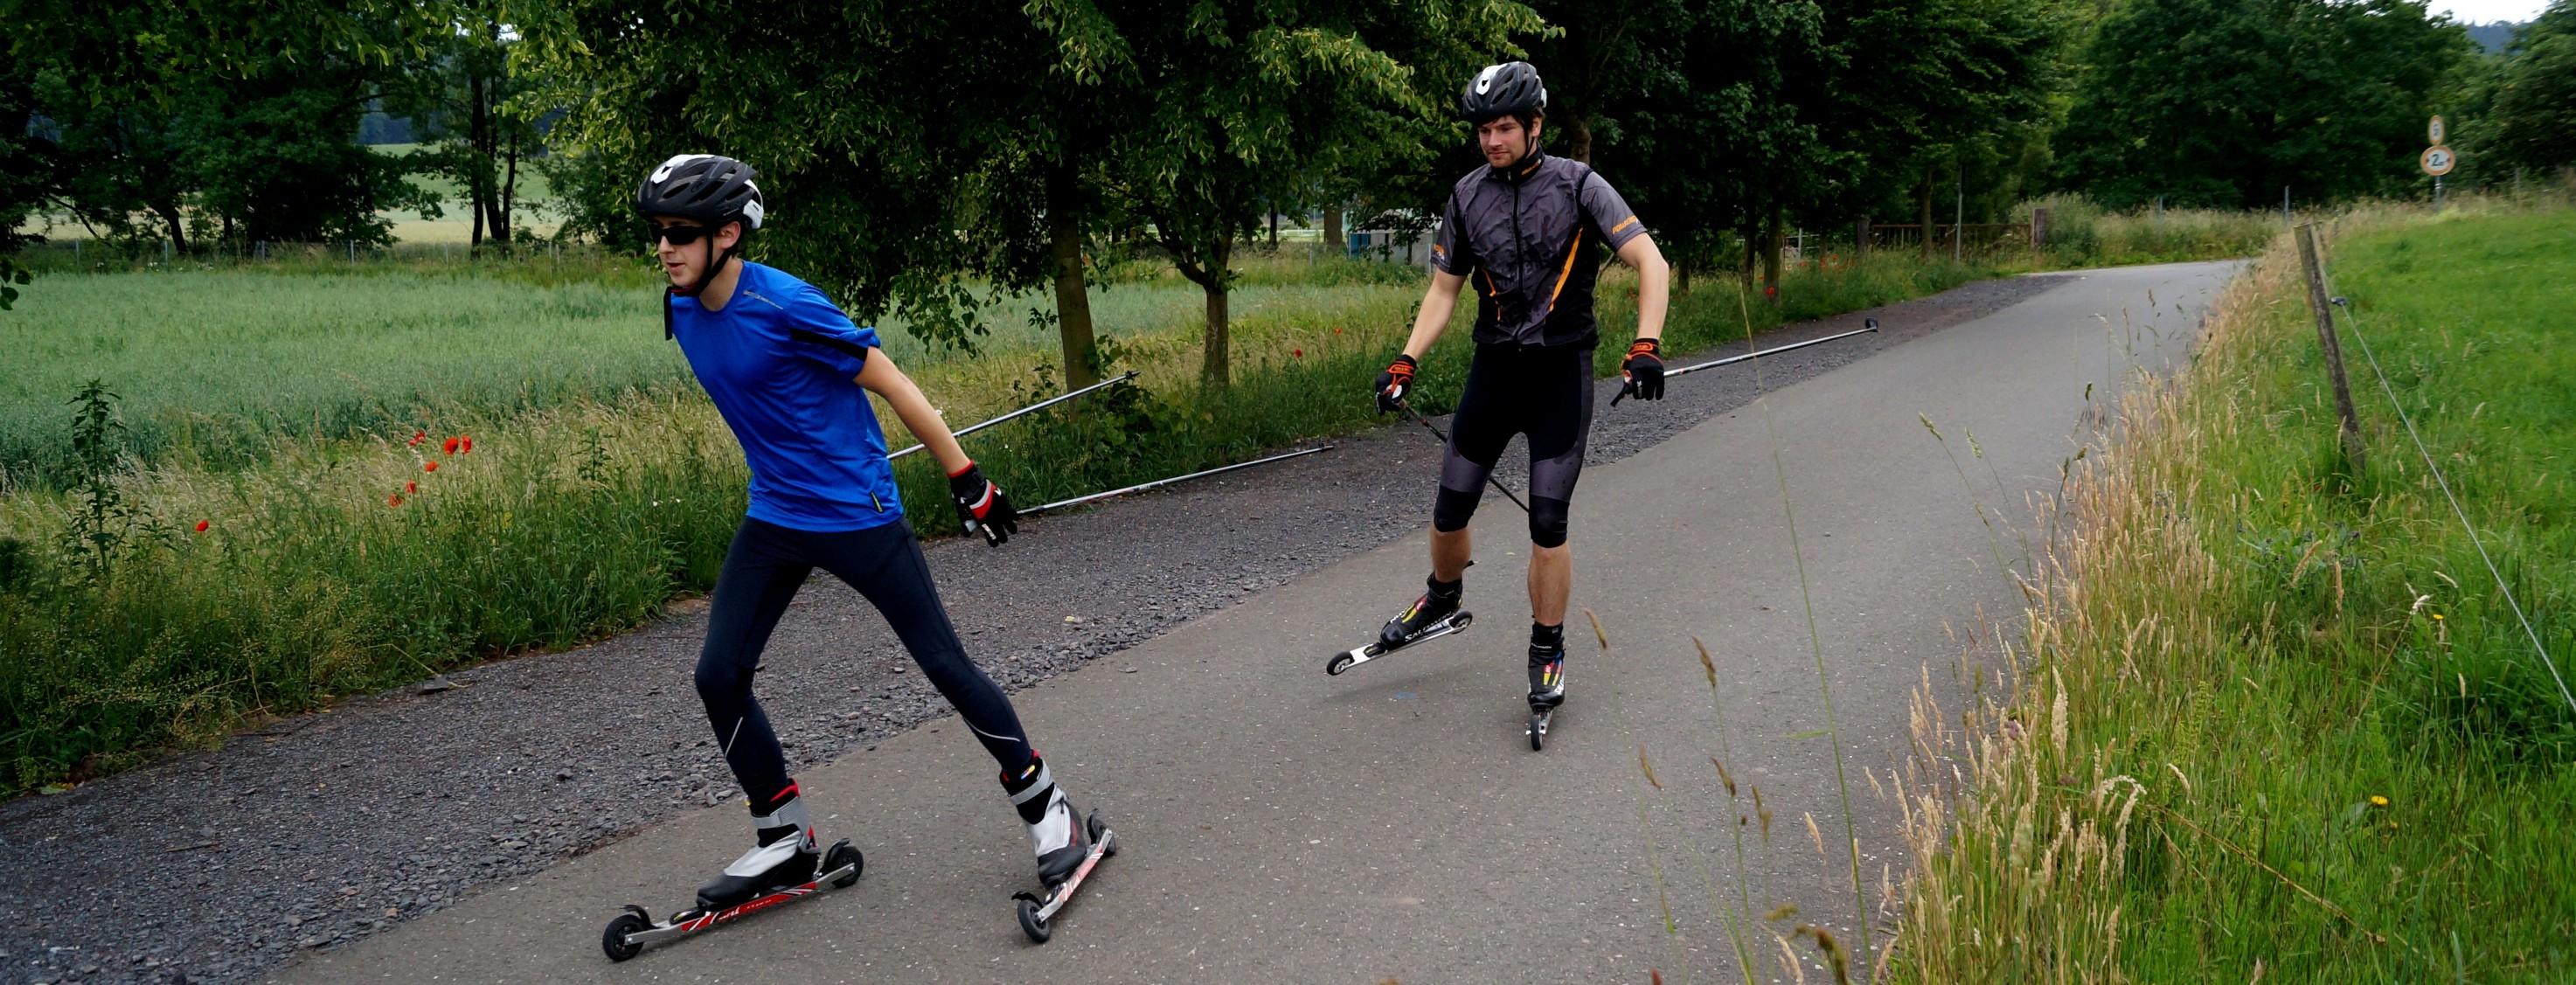 Skirollern in Jena